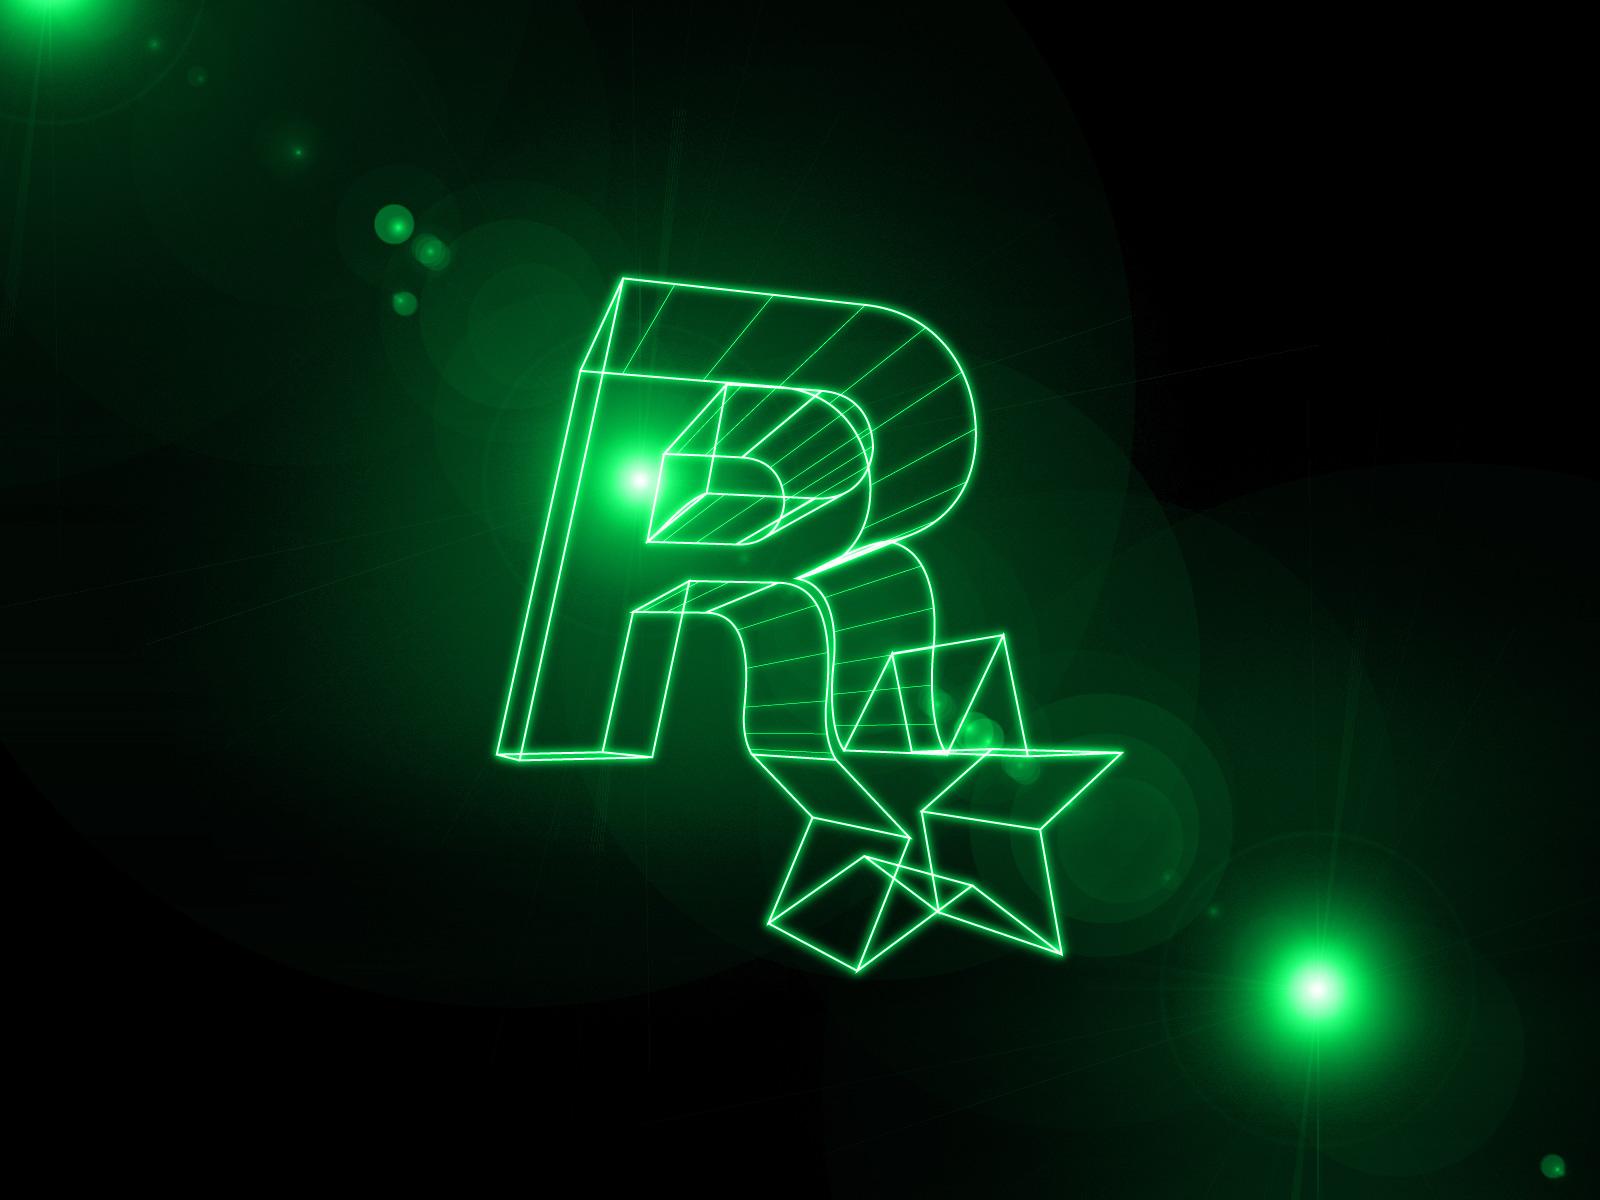 rockstar games tem vairios estilos de games mas nenhun e apropiada 1600x1200